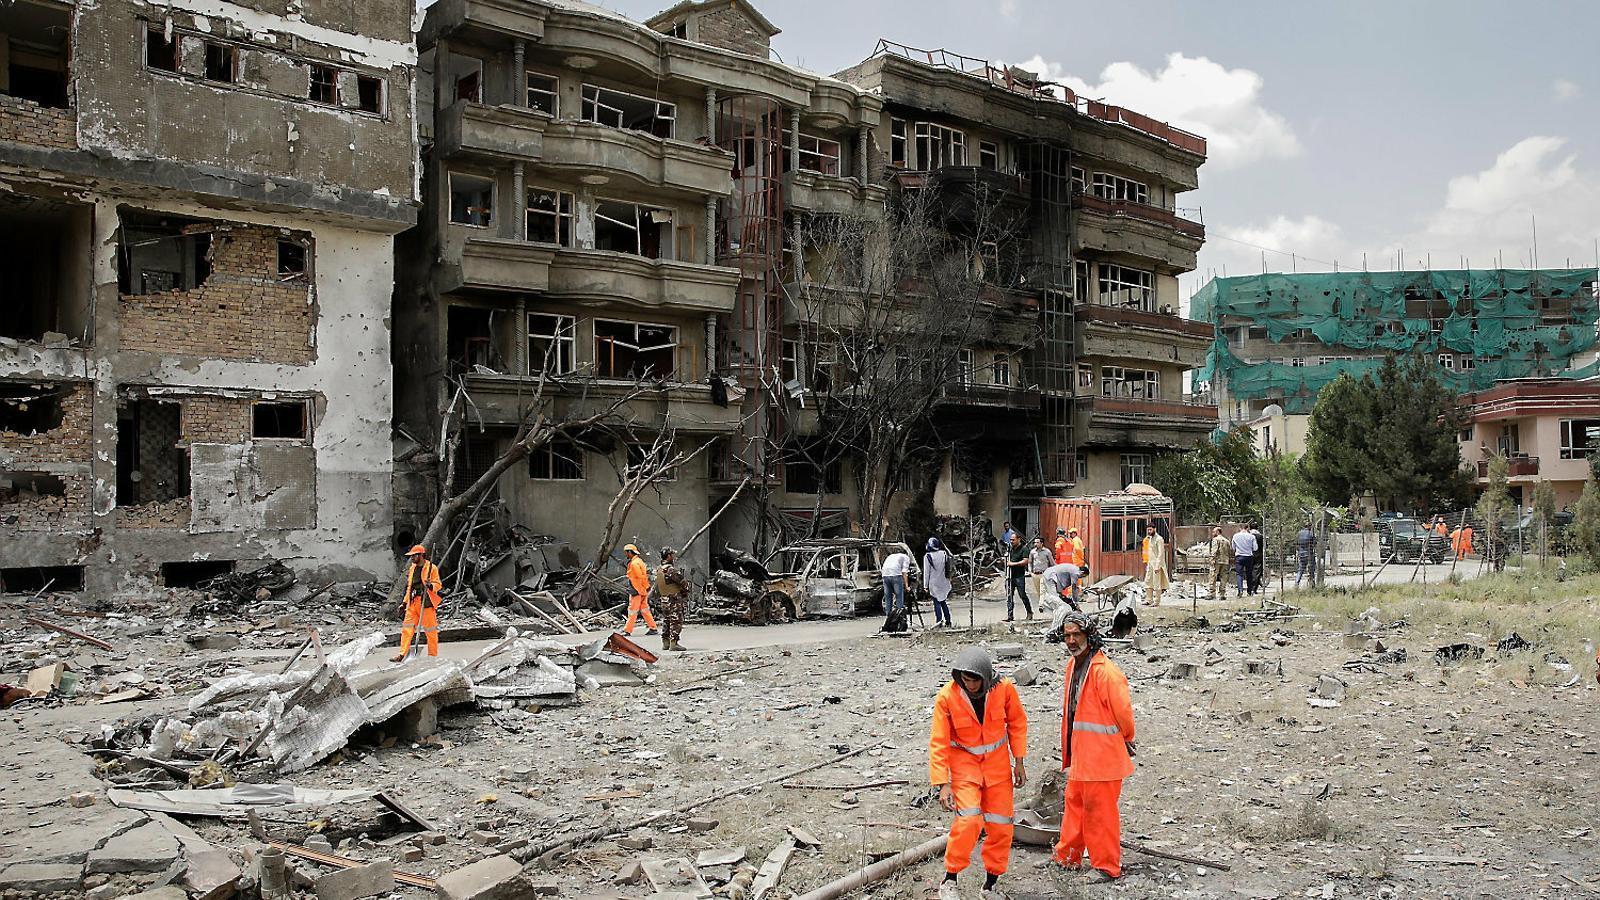 Kabul i l'OTAN maten més civils que els talibans